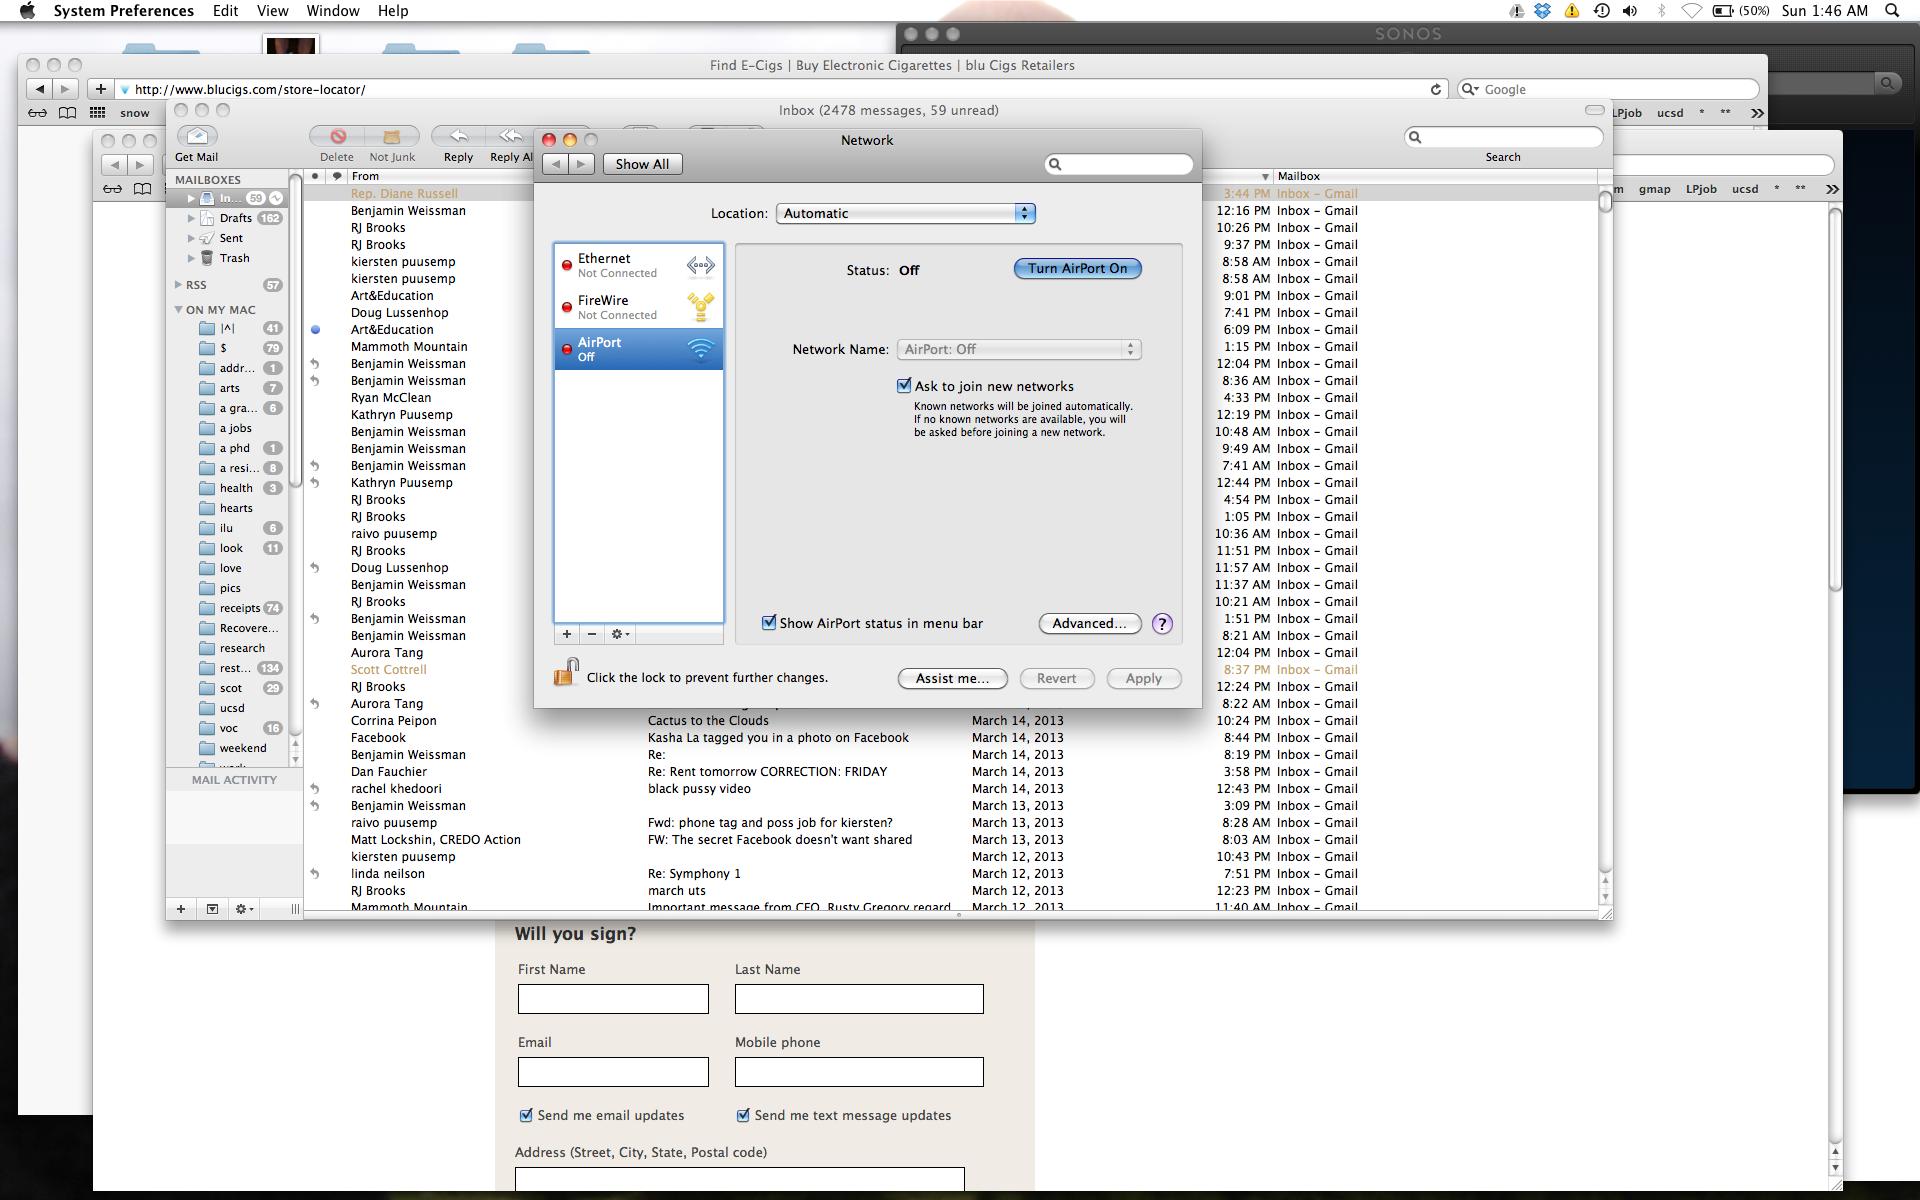 Screen shot 2013-03-31 at 1.46.09 AM.png